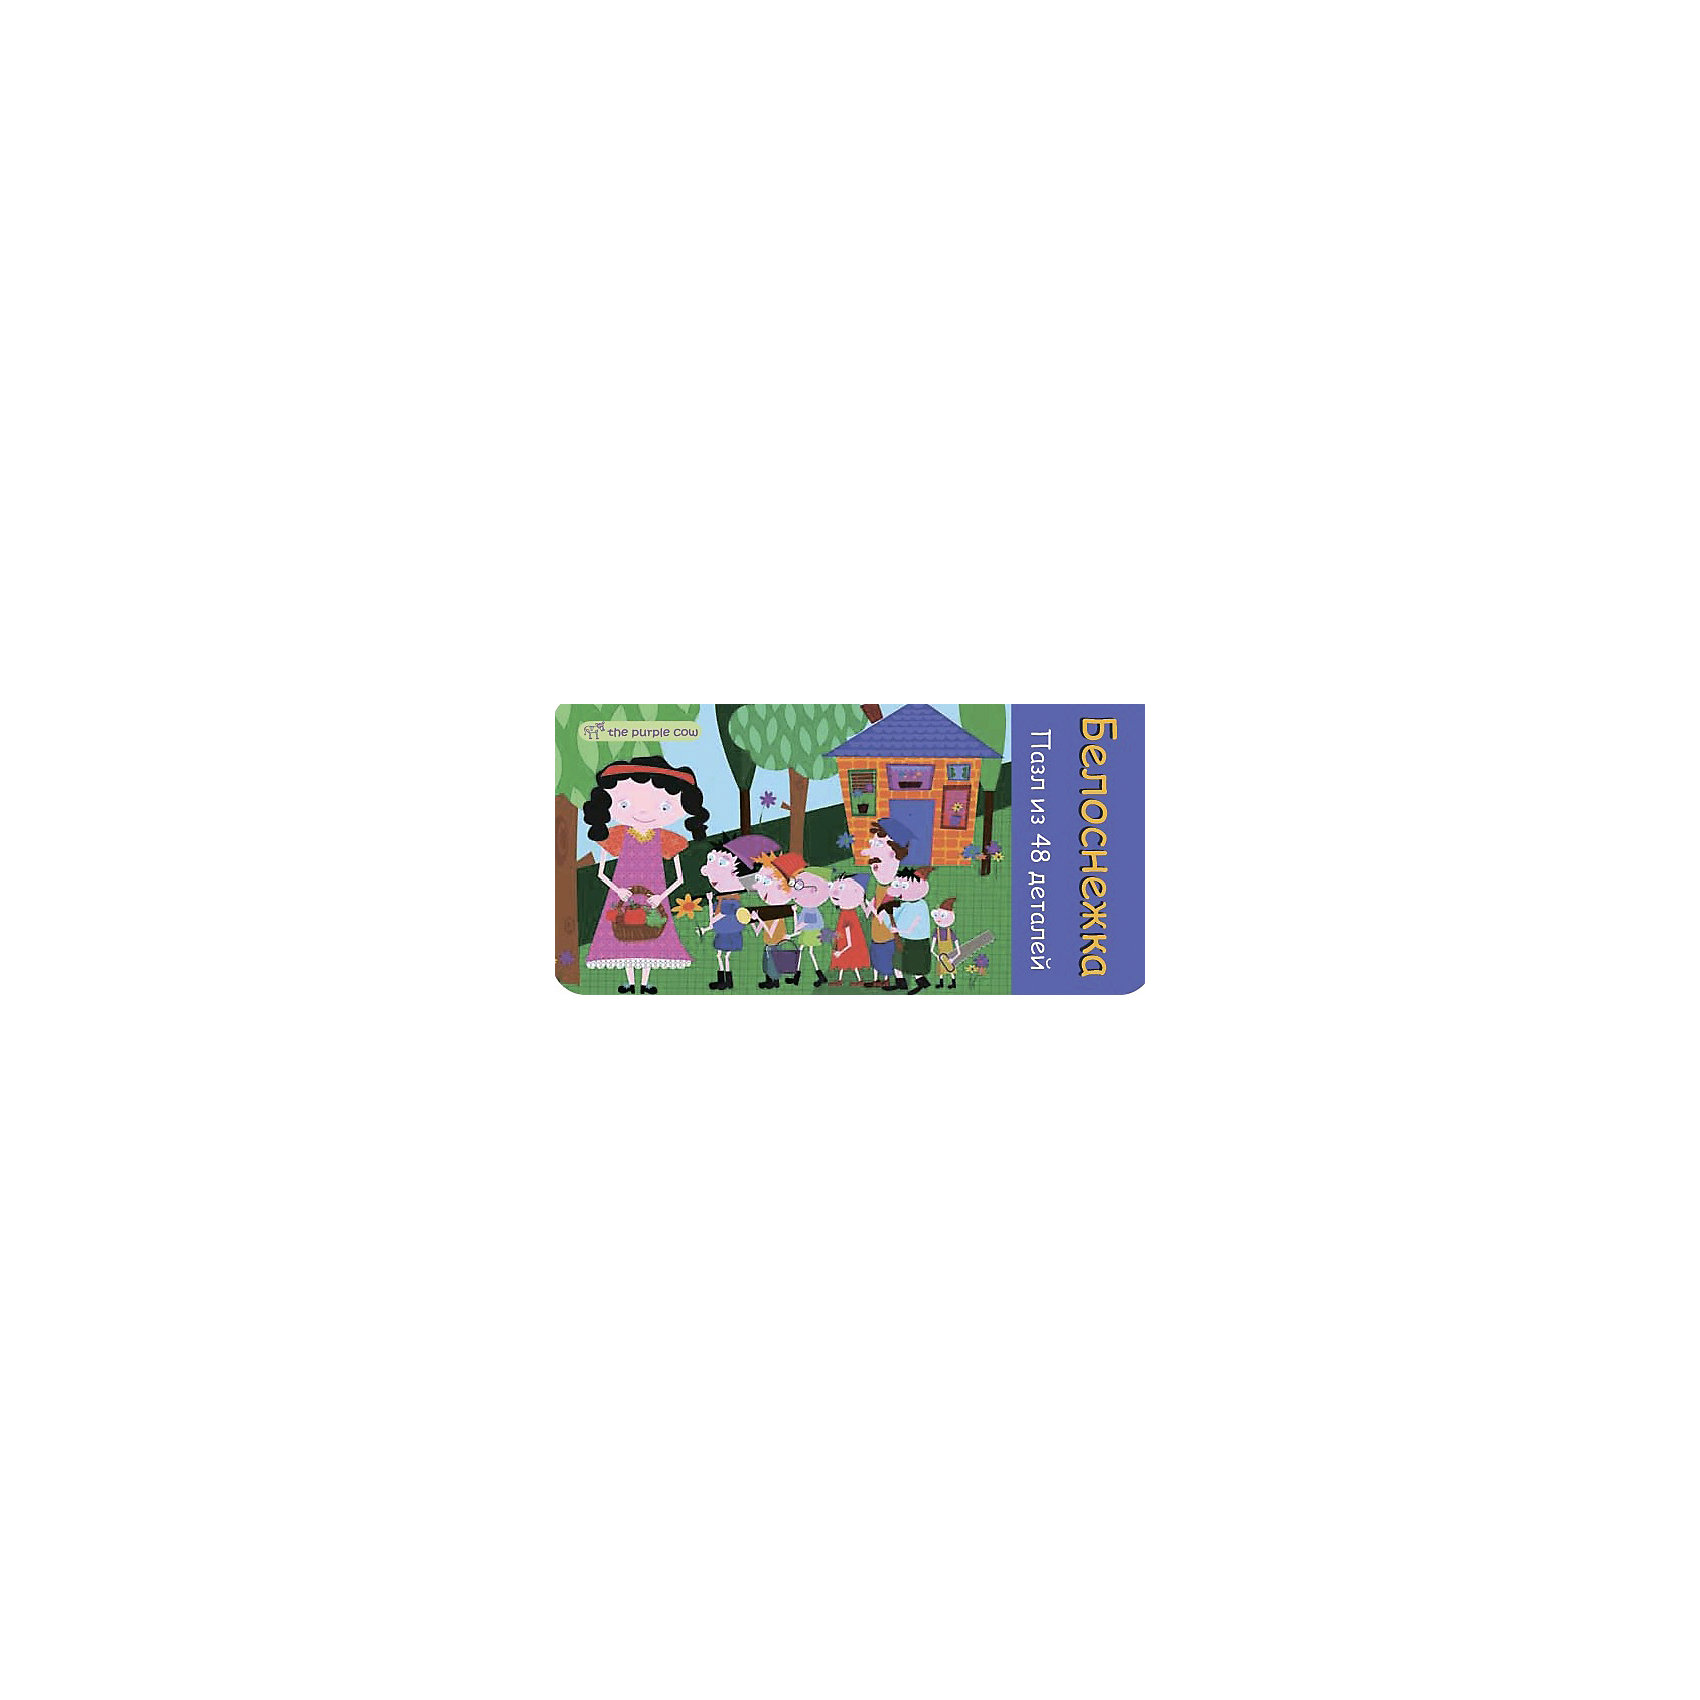 Пазл Белоснежка, The Purple CowХарактеристики пазлов The Purple Cow:<br><br>• авторский дизайн австралийской художницы Инны Семадар;<br>• серия Fairy Tale Puzzle;<br>• количество элементов: 48 шт.;<br>• крупные карточки;<br>• материал: плотный ламинированный картон;<br>• размер картинки в собранном виде: 32х22 см;<br>• размер упаковки: 15х7,5х4 см;<br>• вес упаковки: 175 г;<br>• упаковка: металлическая коробочка.<br><br>Пазл Белоснежка, The Purple Cow можно купить в нашем интернет-магазине.<br><br>Ширина мм: 15<br>Глубина мм: 4<br>Высота мм: 8<br>Вес г: 166<br>Возраст от месяцев: 36<br>Возраст до месяцев: 2147483647<br>Пол: Унисекс<br>Возраст: Детский<br>SKU: 5007048